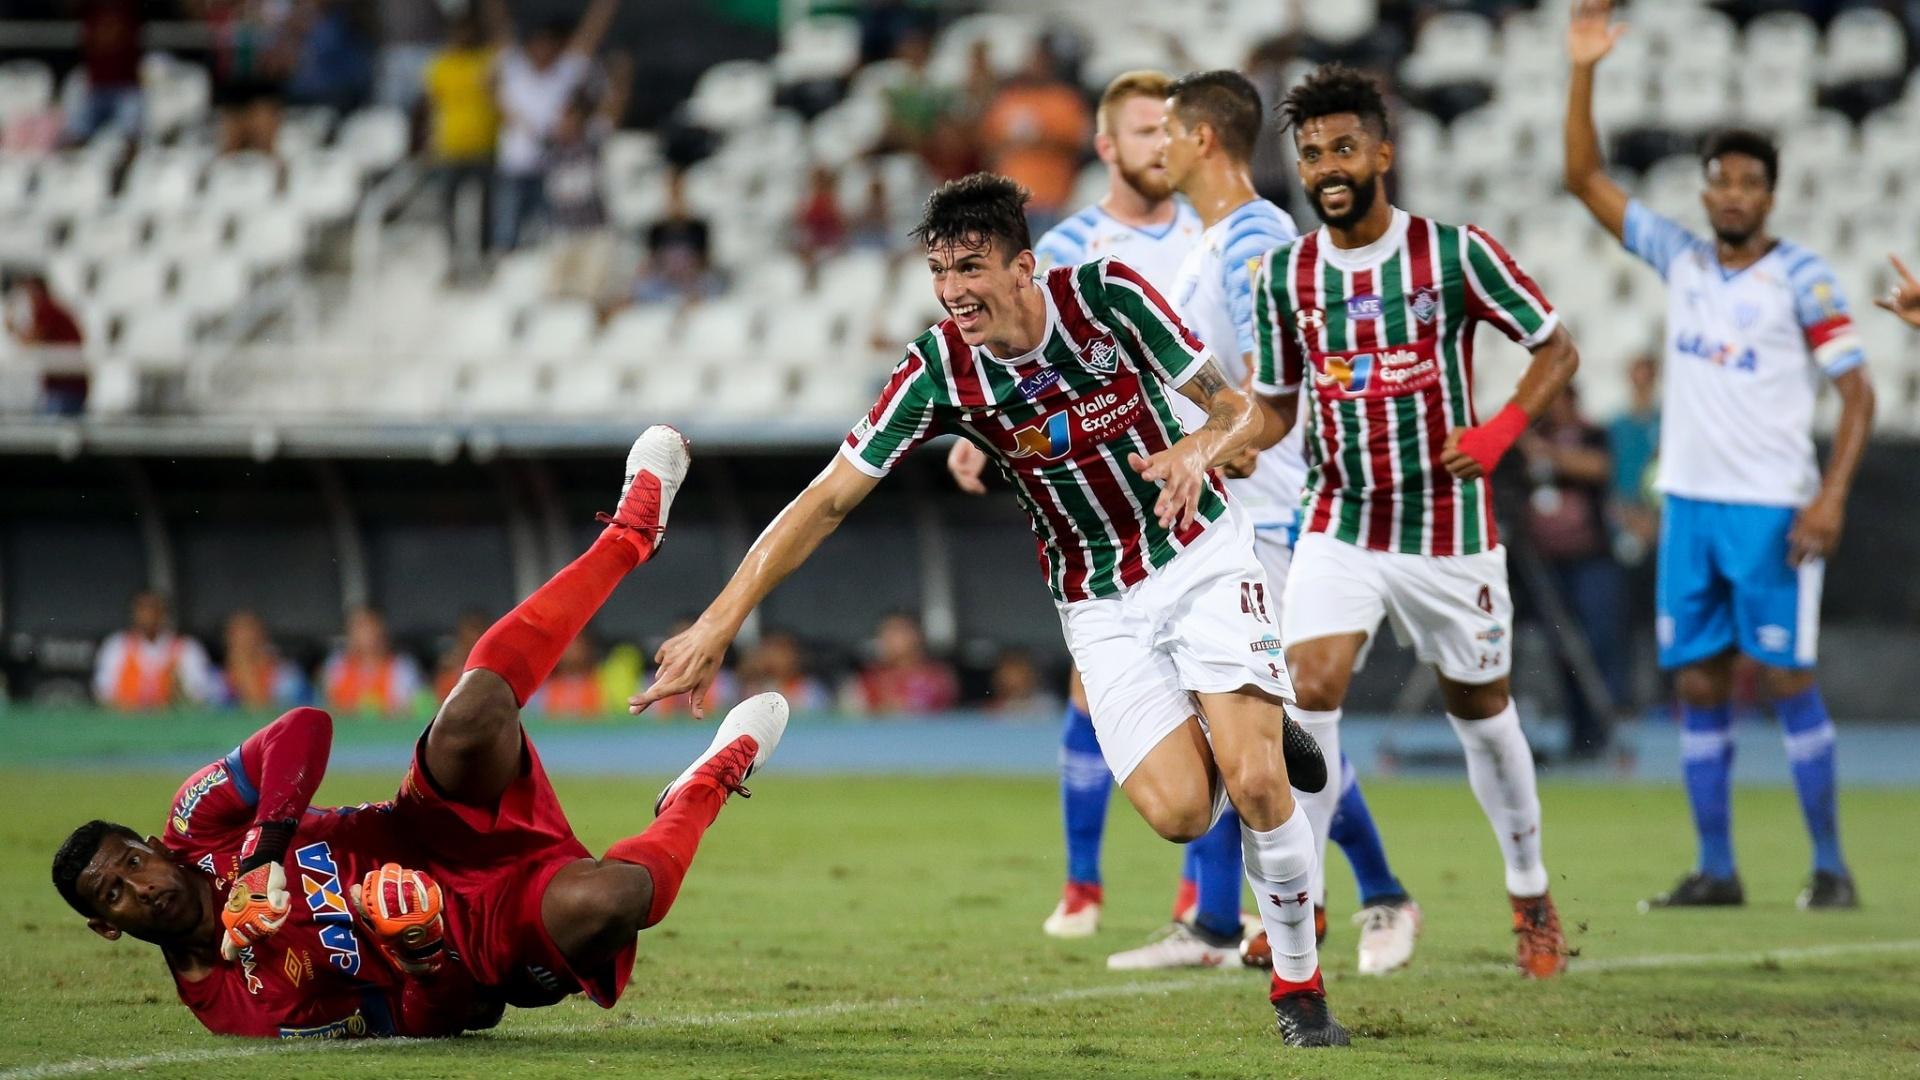 Ibañez comemora gol do Fluminense contra o Avaí pela Copa do Brasil